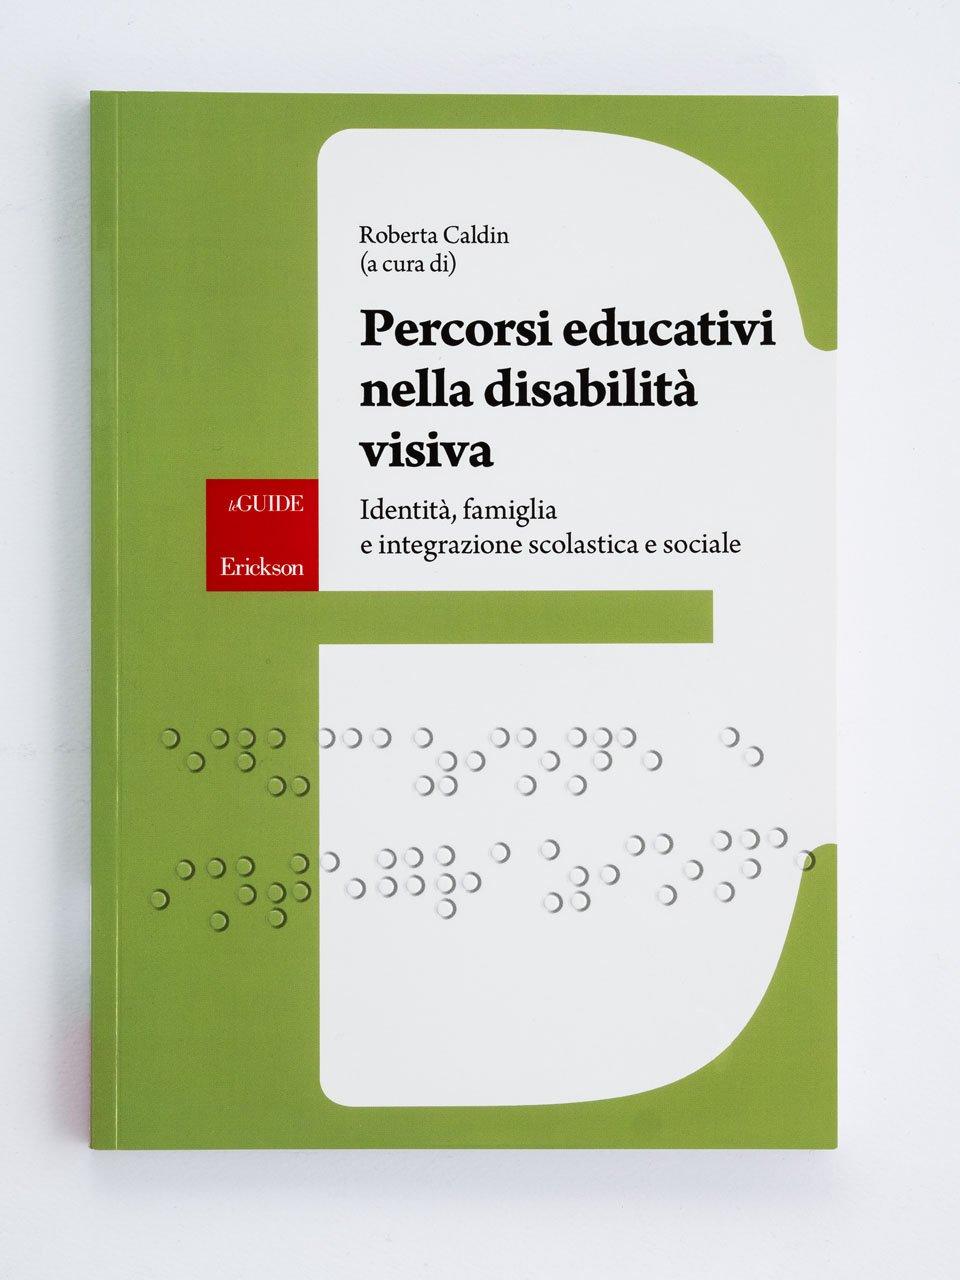 Percorsi educativi nella disabilità visiva - Studiare meglio e riuscire all'università - Libri - Erickson